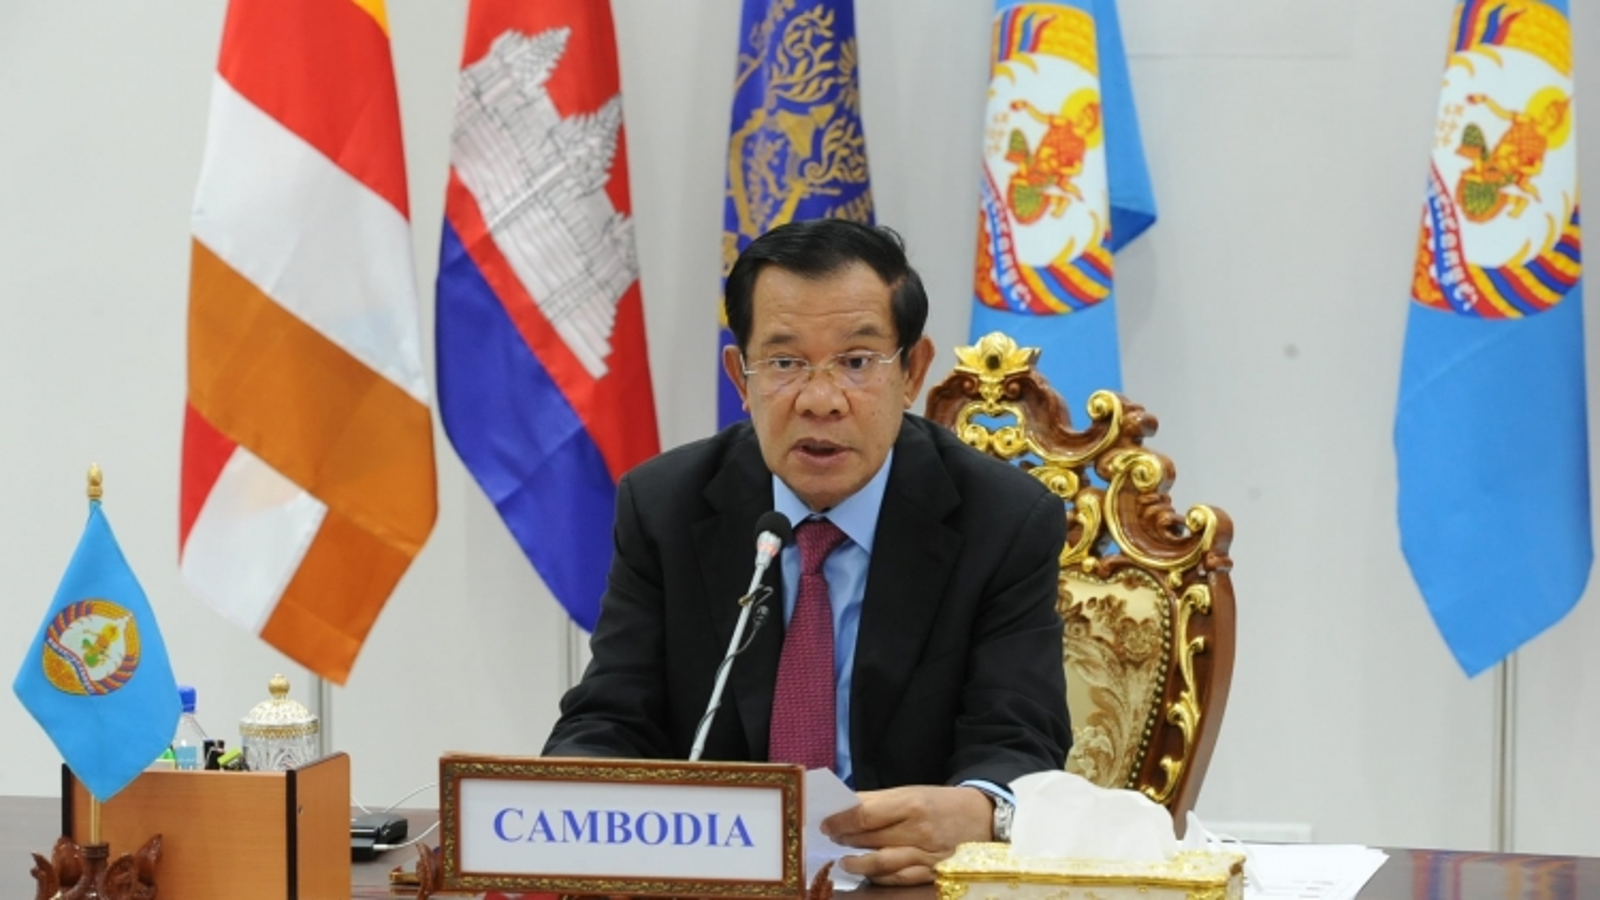 Campuchia tặng Việt Nam vật tư y tế và tiền mặt giúp chống dịch Covid-19